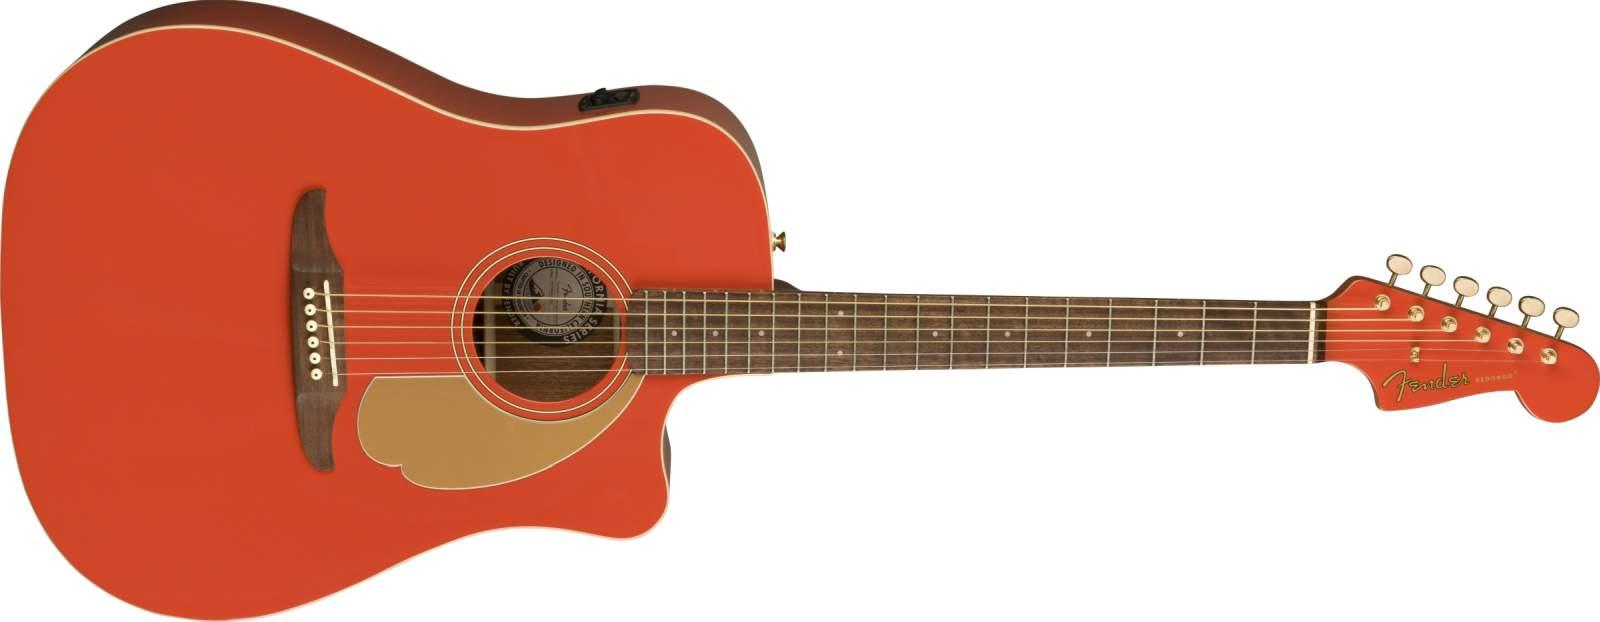 Fender Redondo Player Fiesta Red - LIMITED